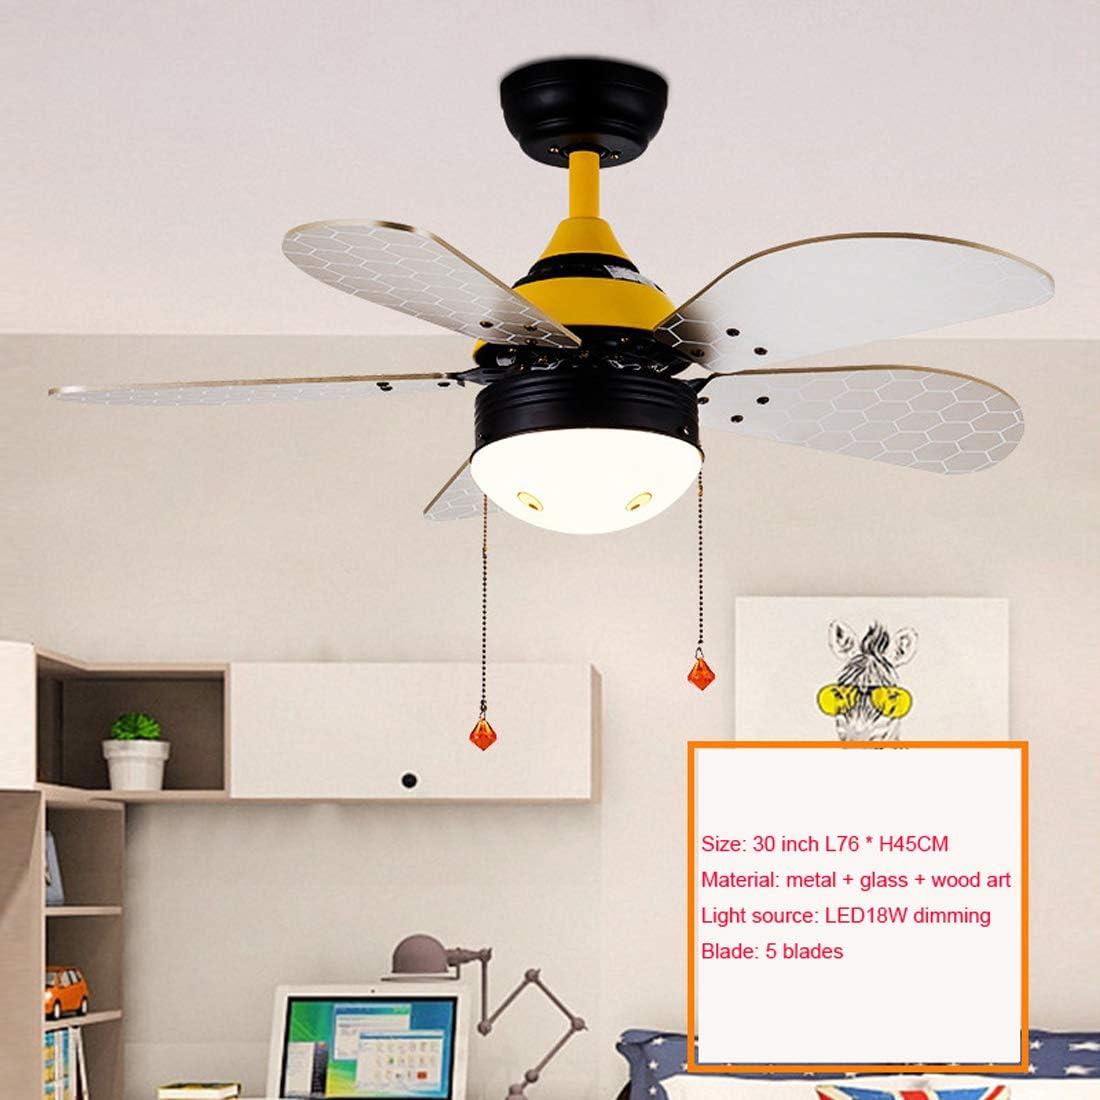 Ventilador de Techo con Iluminación 18W led Luz De Techo, Ventilador De Techo LED Ventilador De Luz, Velocidad del Viento Ajustable, Tire del interruptor, 76 * 45cm